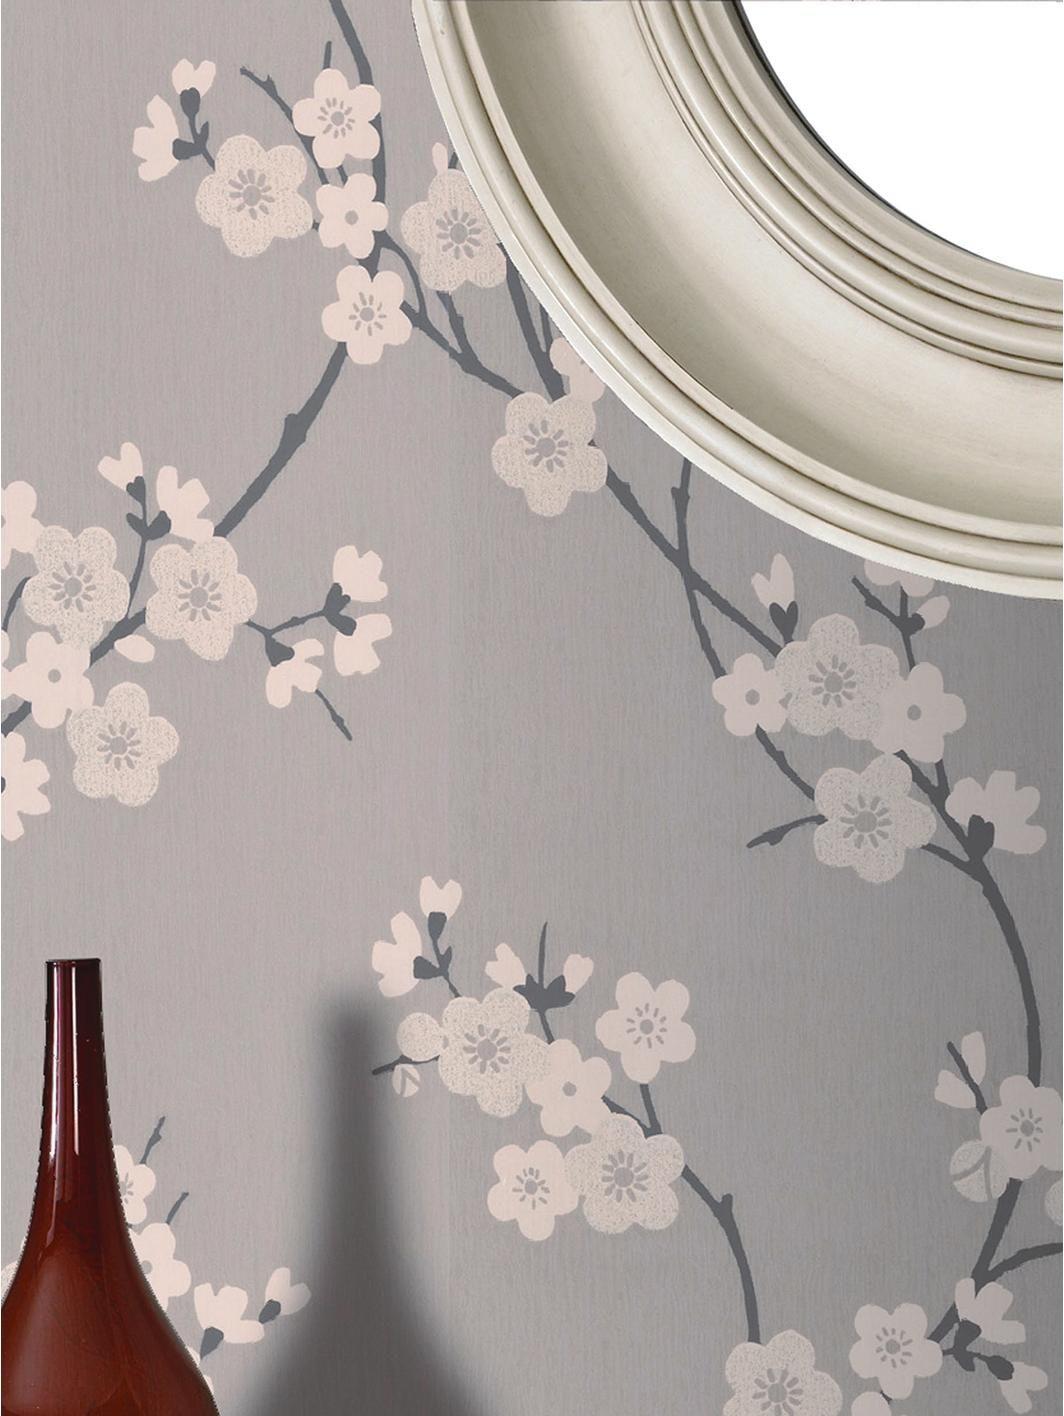 Cherry Blossom Wallpaper Cherry Blossom Wallpaper Cherry